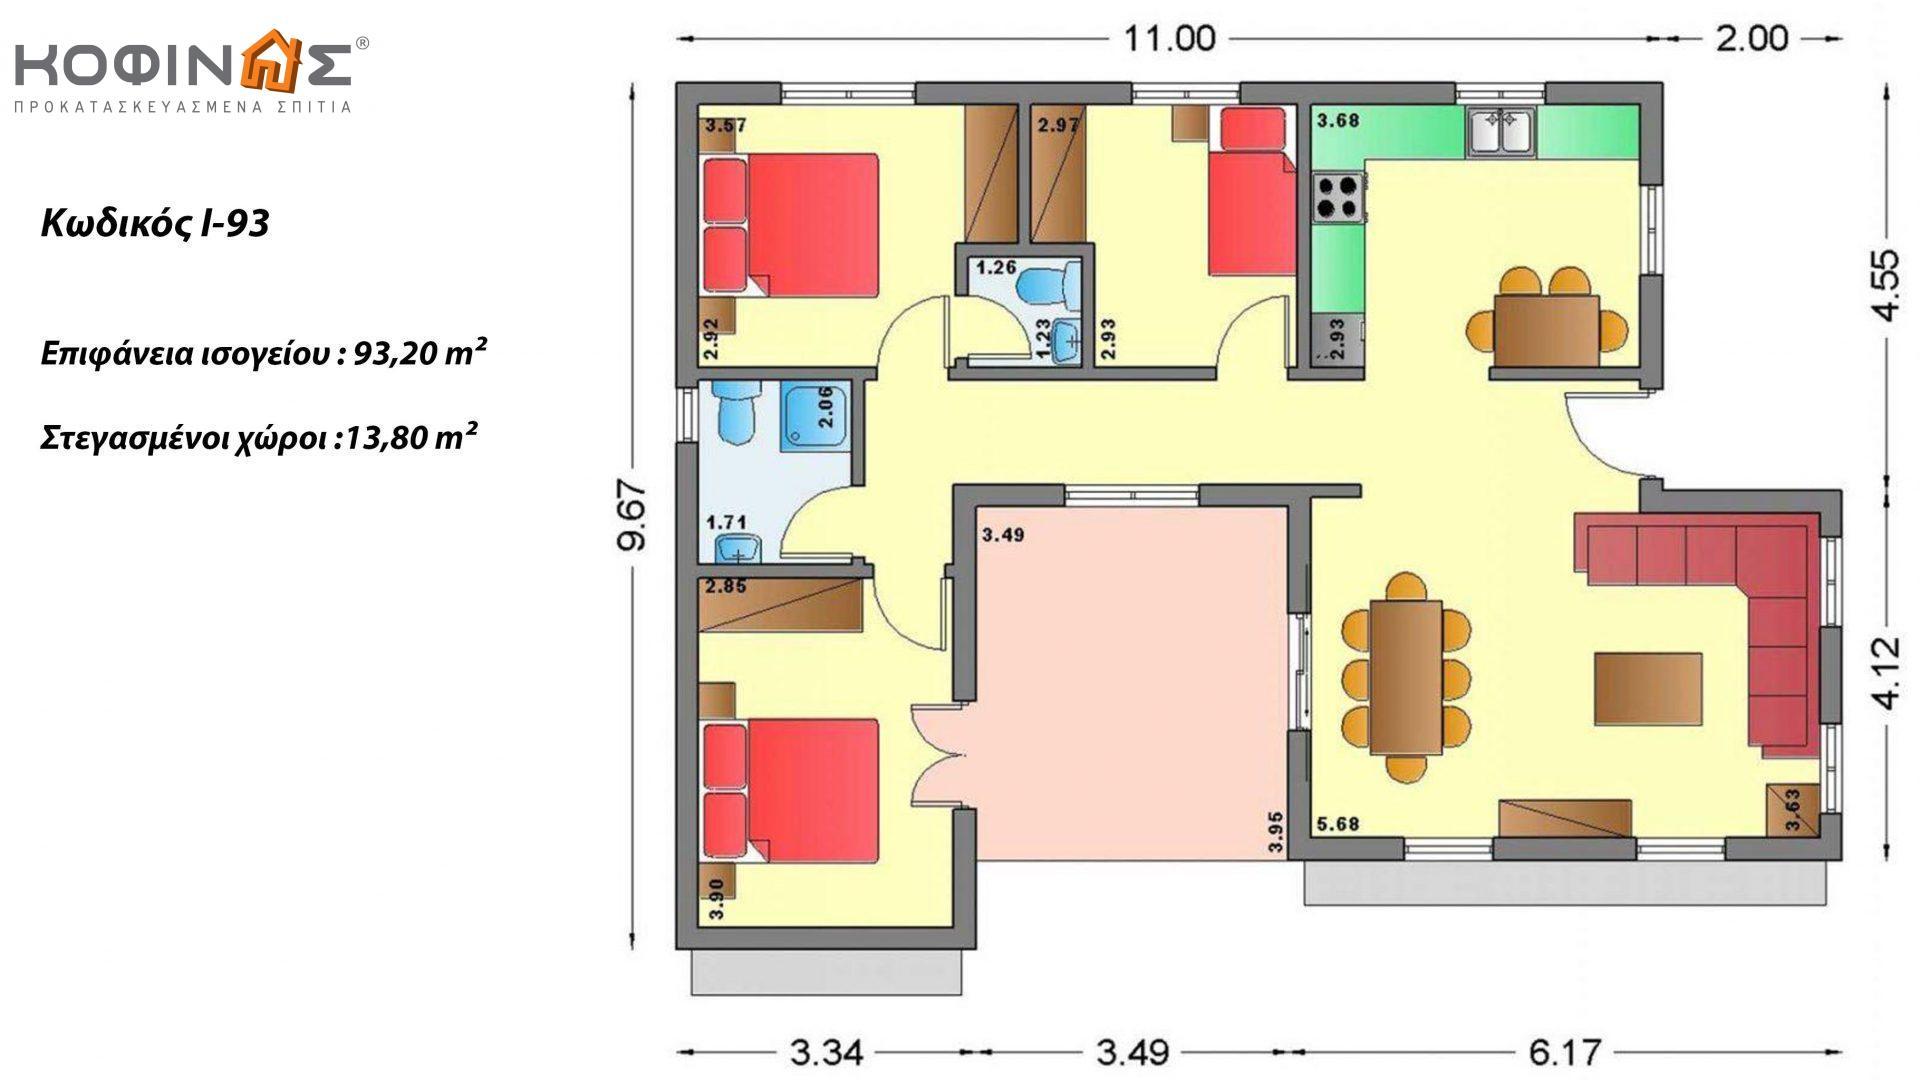 Ισόγεια Κατοικία I-93 συνολικής επιφάνειας 93,20 τ.μ., στεγασμένοι χώροι 13,80 τ.μ